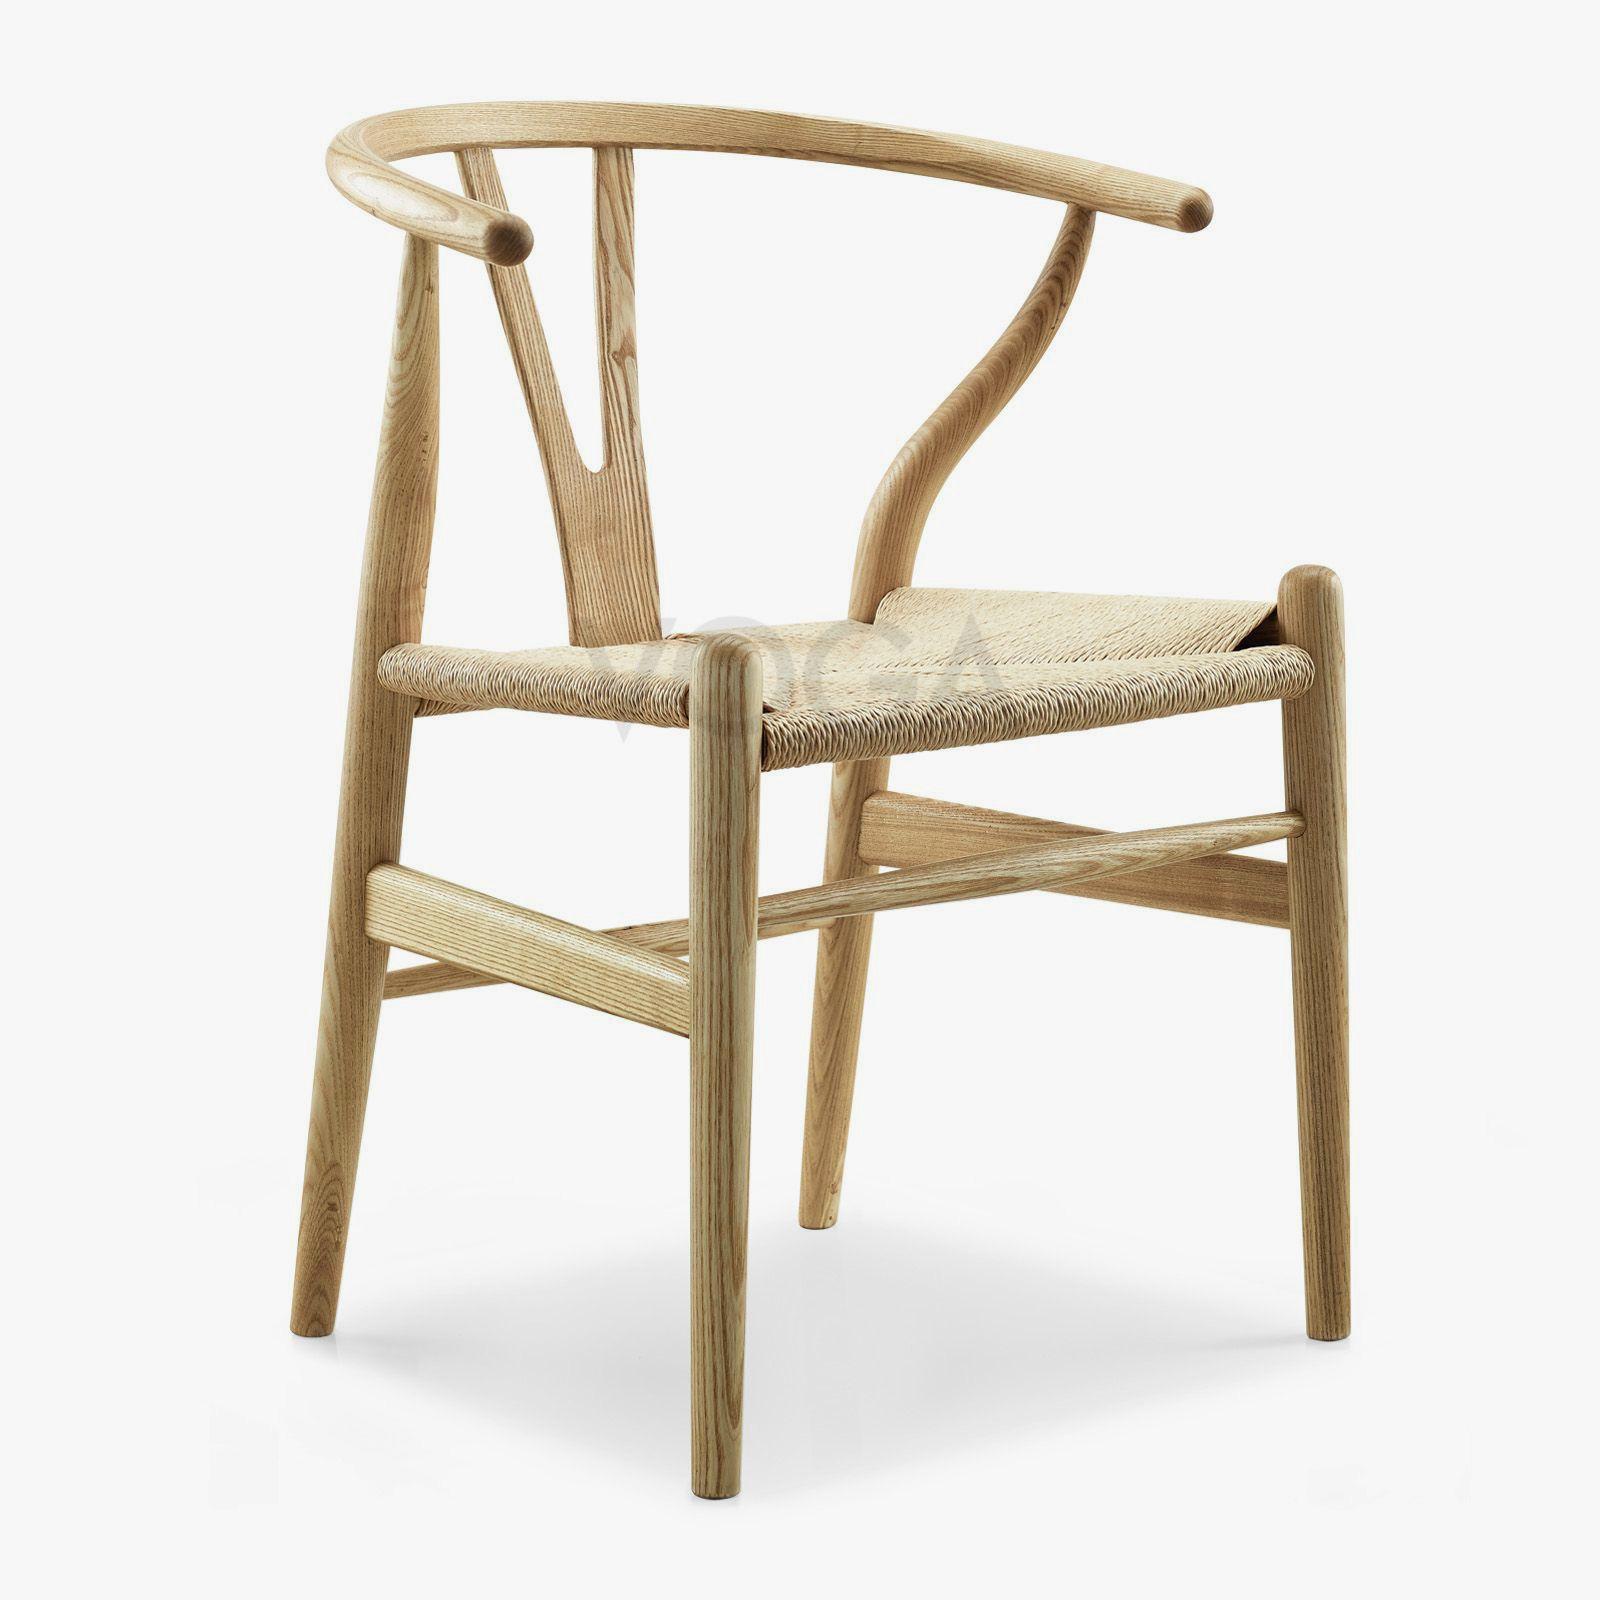 chaise y chaise design voga d co pinterest mobilier mobilier design et id e cuisine. Black Bedroom Furniture Sets. Home Design Ideas